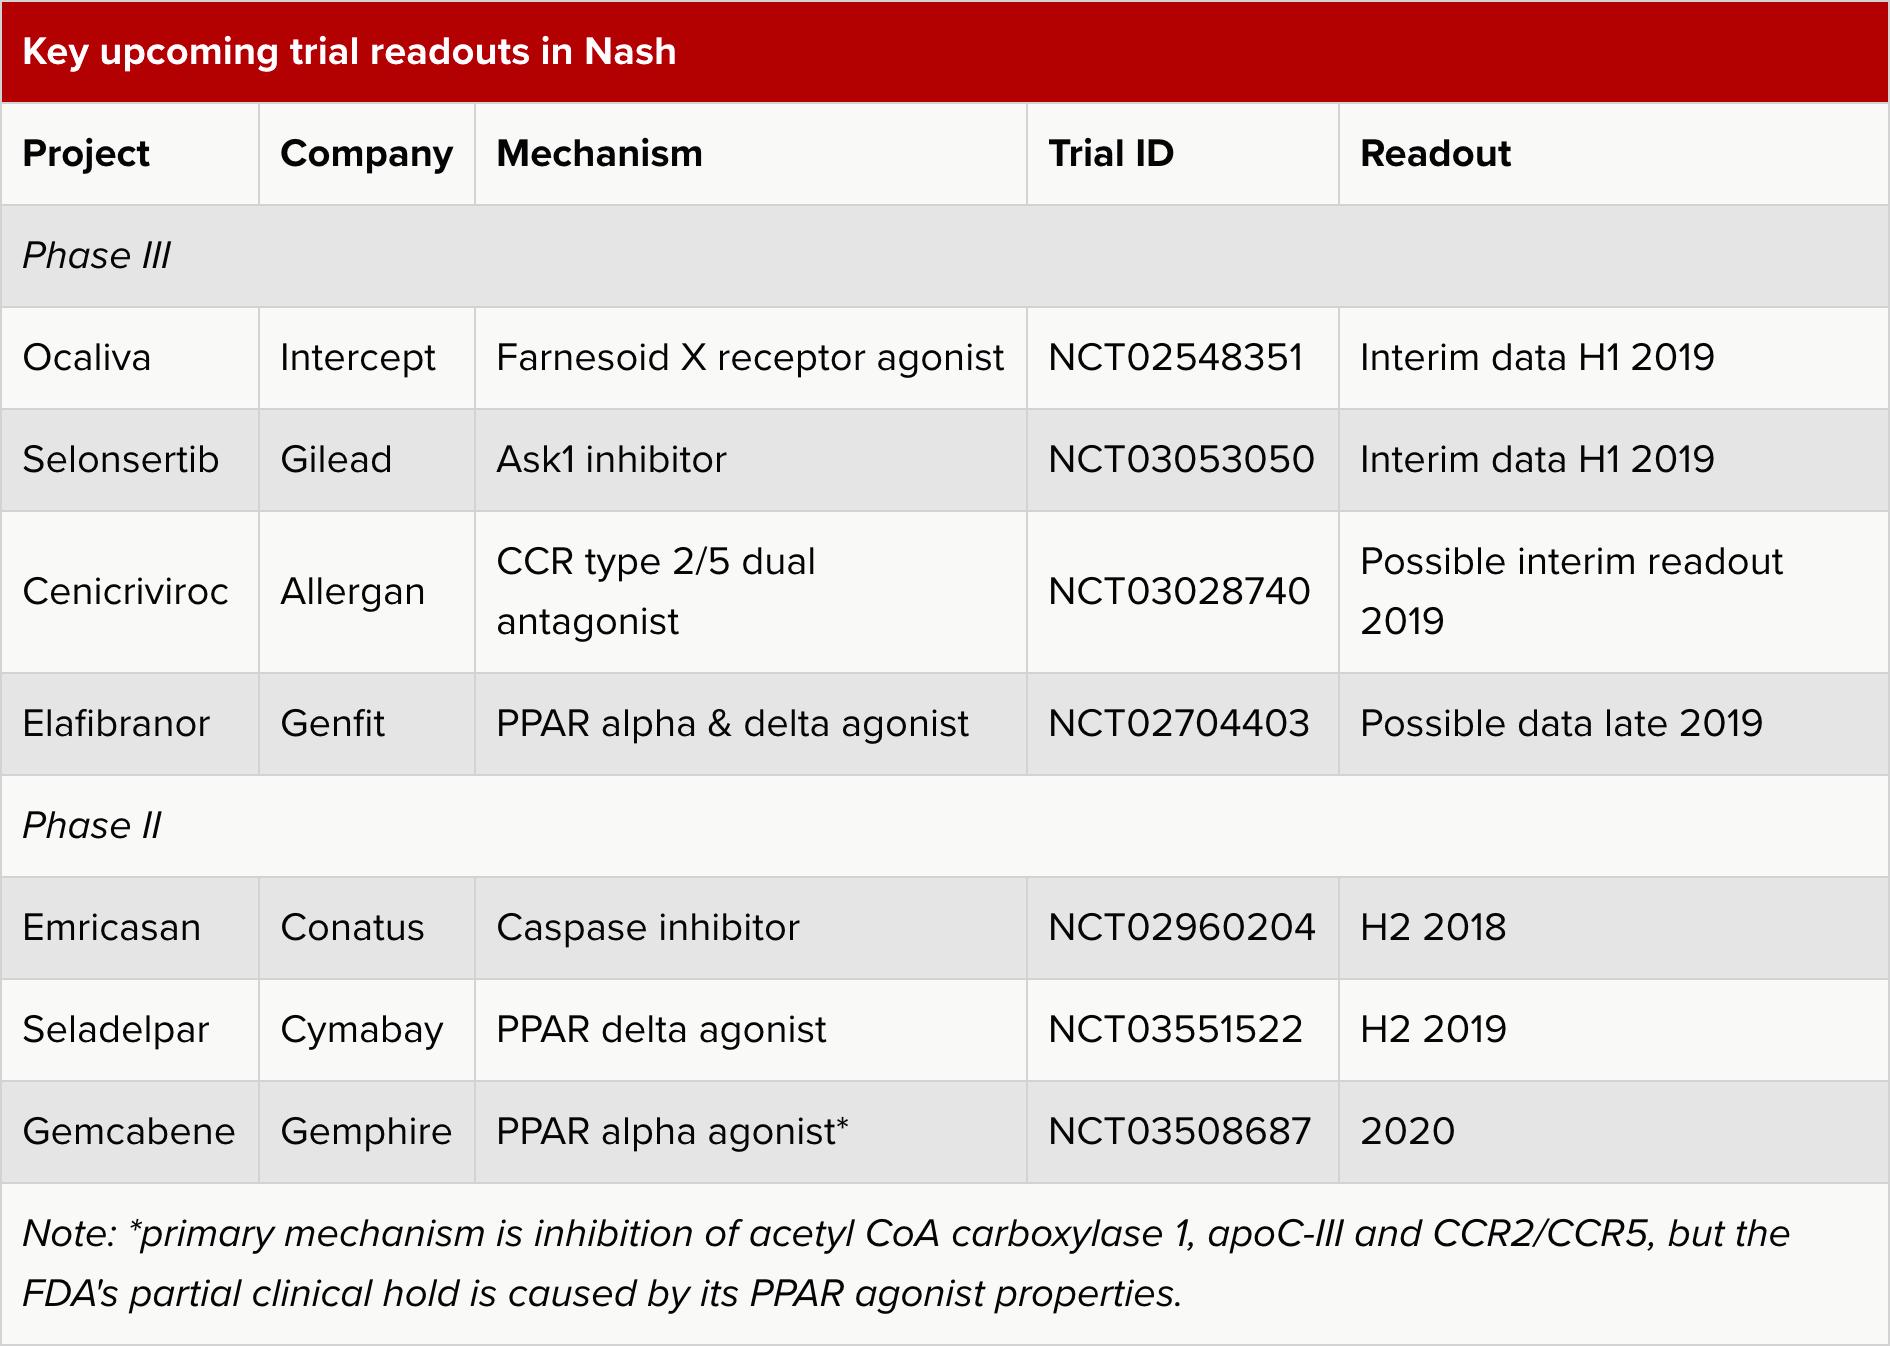 key upcoming trial readouts in nash - Pfizer и Novartis: комплексное лечение неалкогольного стеатогепатита